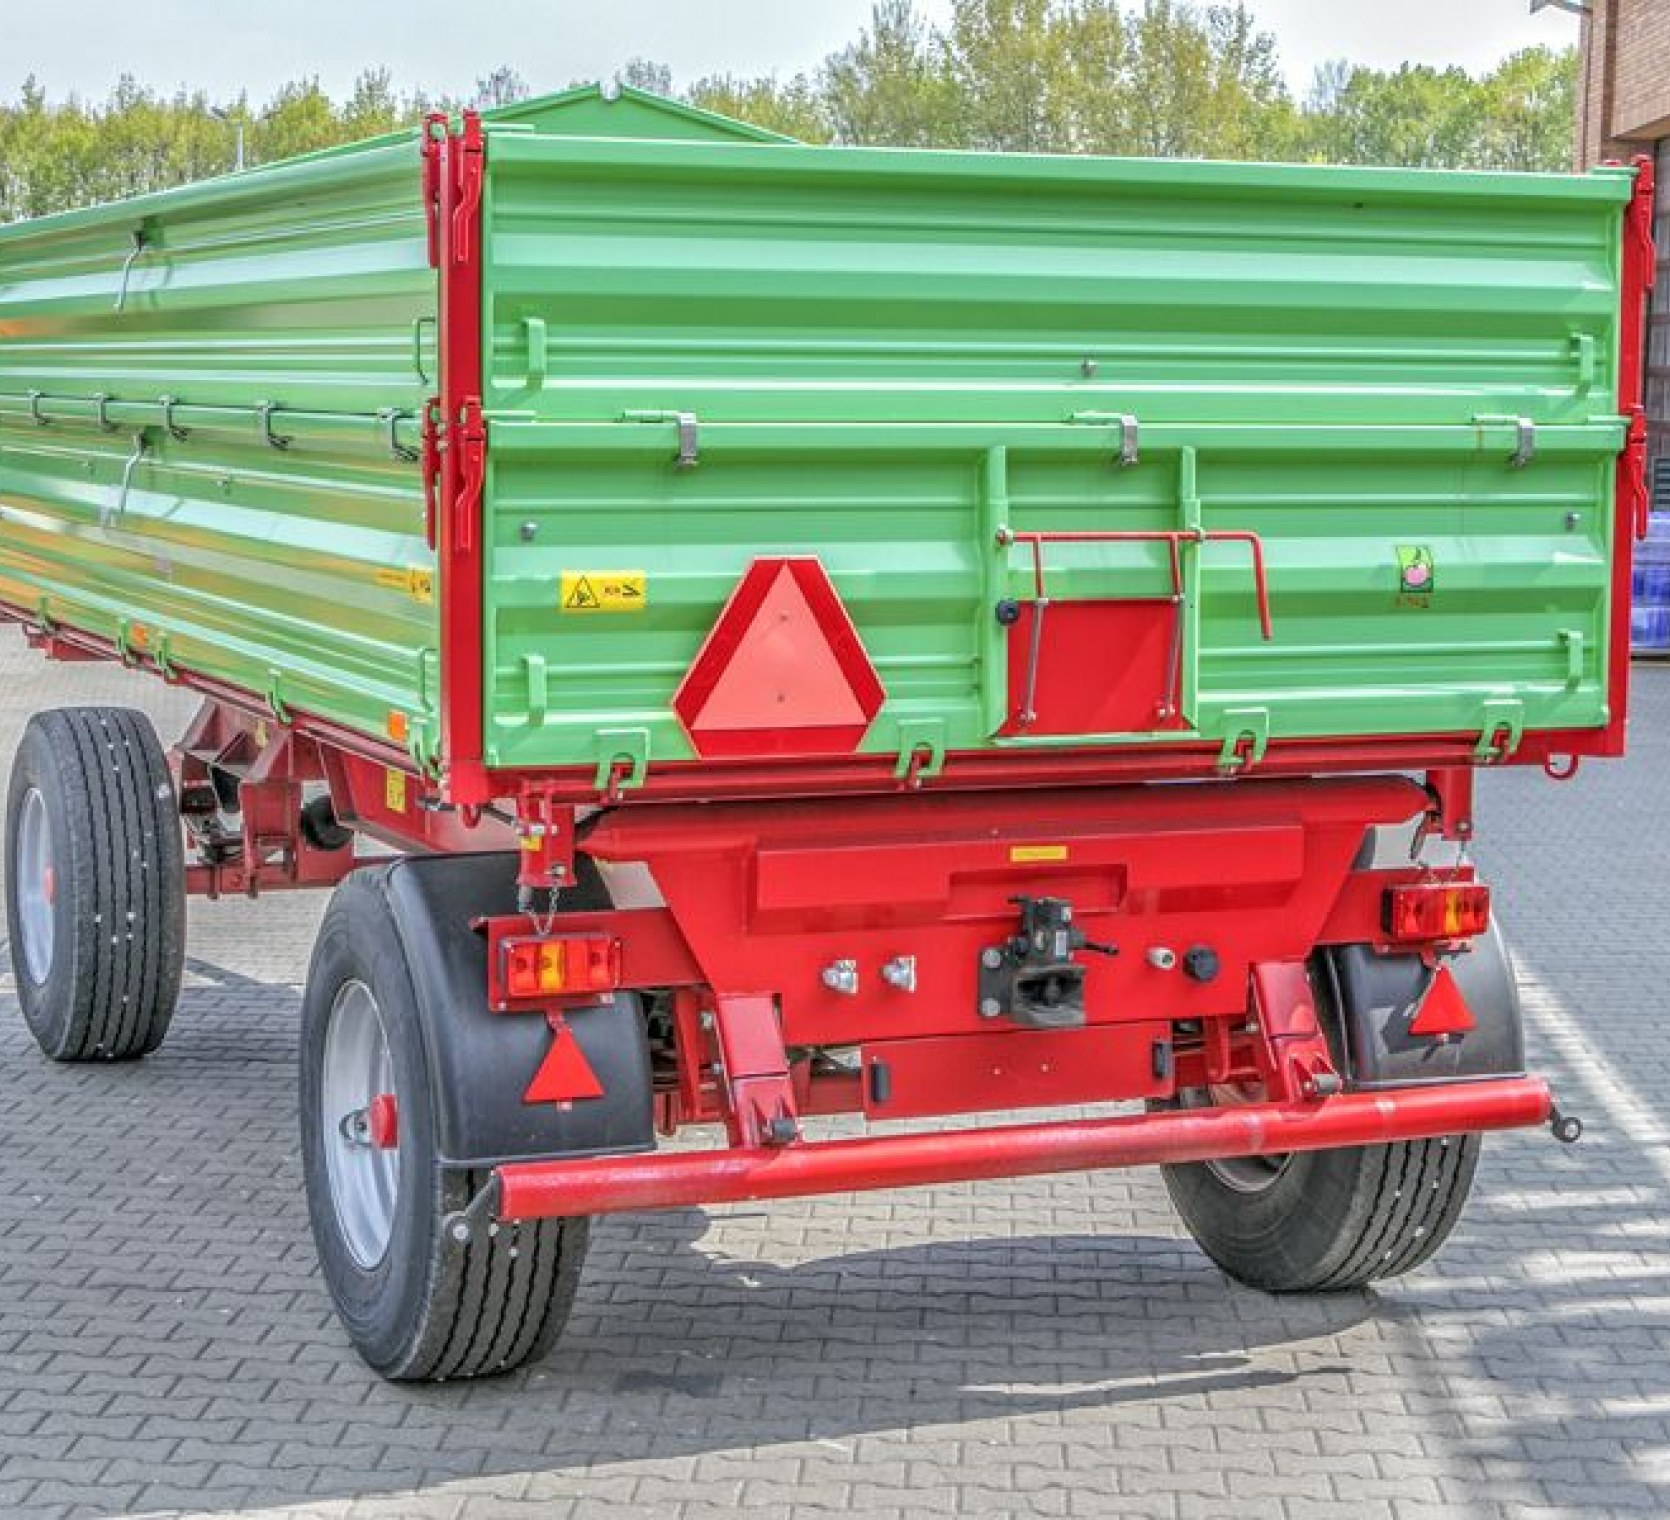 Przyczepa rolnicza P10 LONG z trójstronnym wywrotem dwuosiowa wymiar paletowy